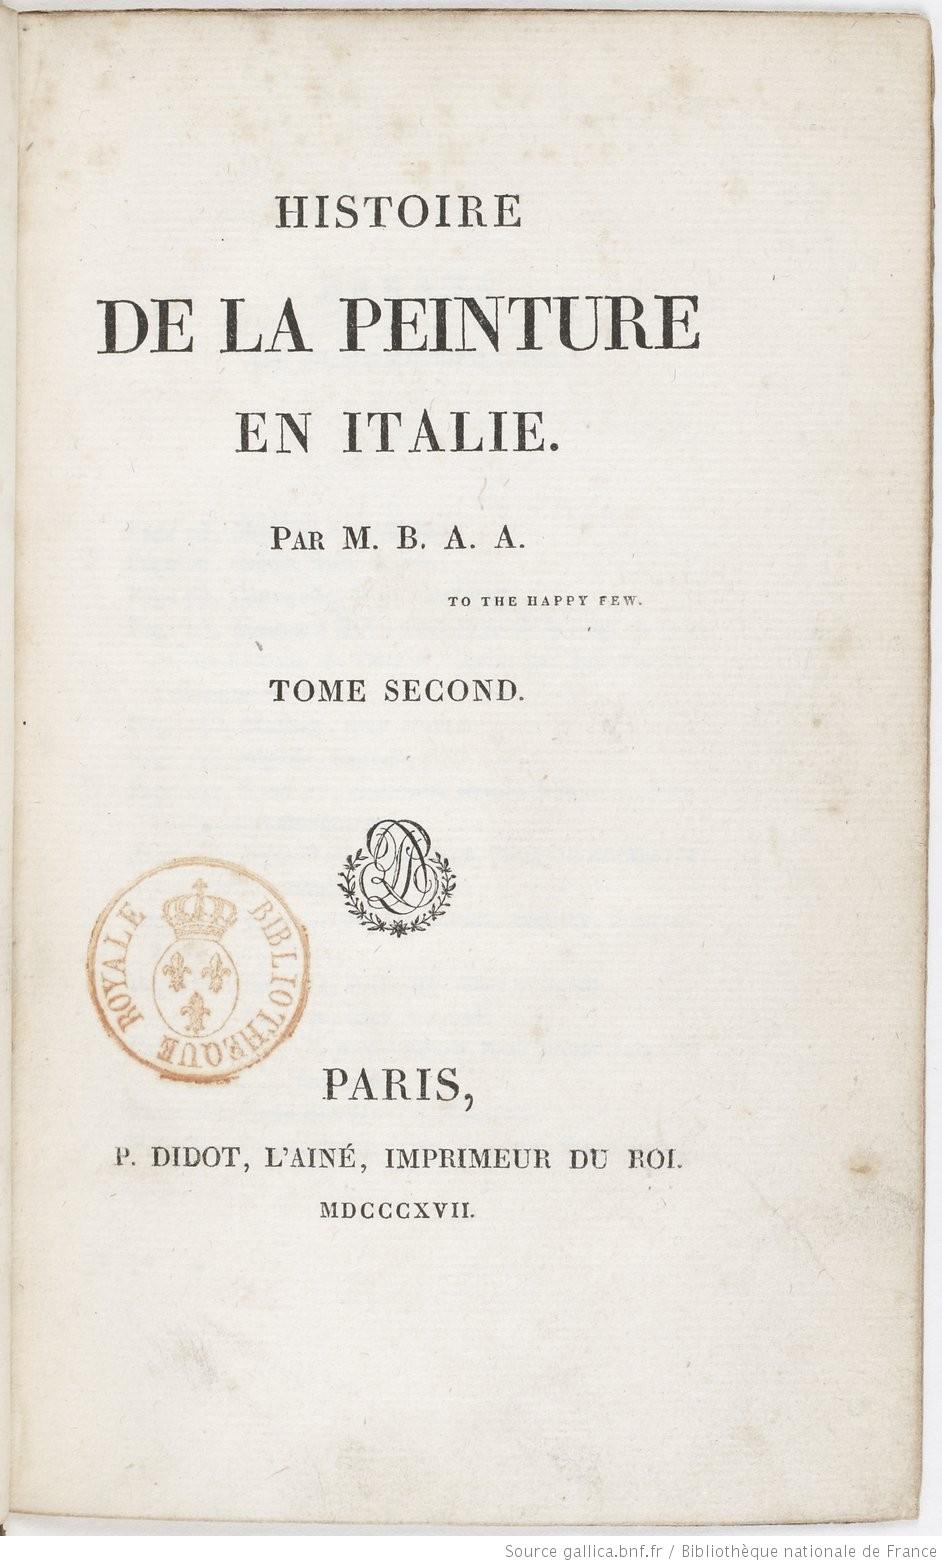 Frontespizio de l'Histoire de la peinture en Italie, 1817